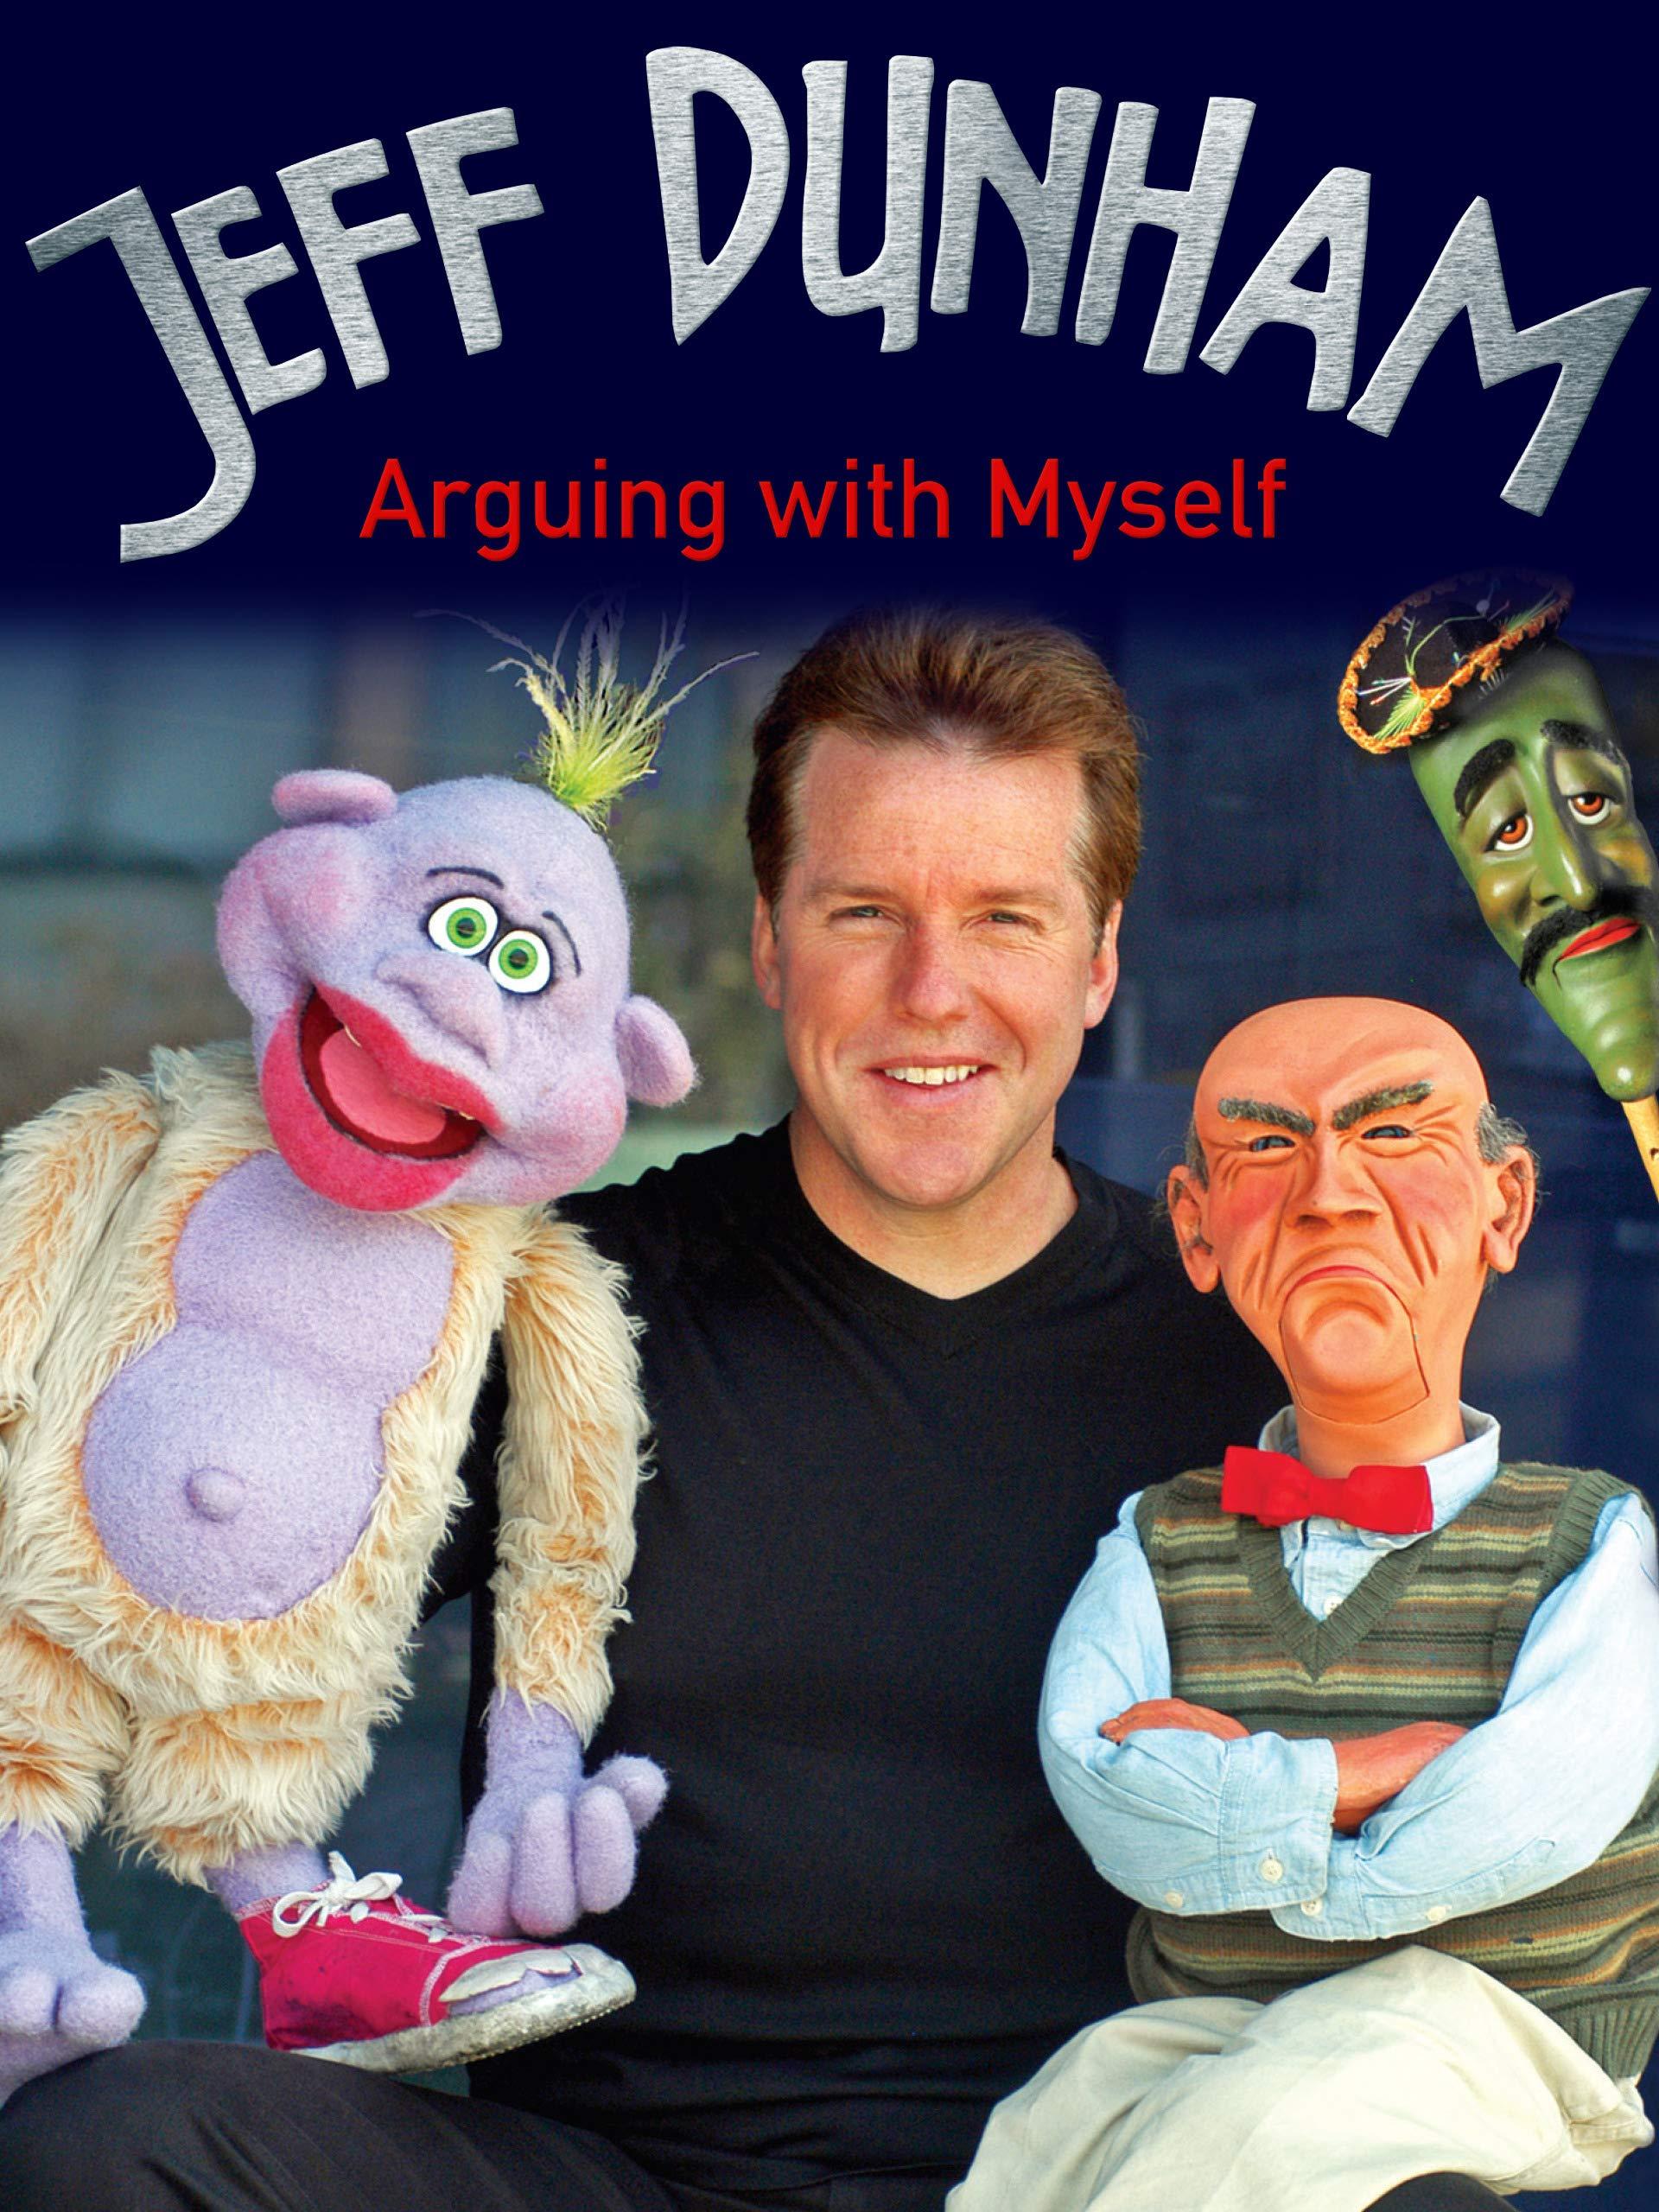 Amazon.com: Jeff Dunham: Arguing with Myself: Jeff Dunham, Manny ...